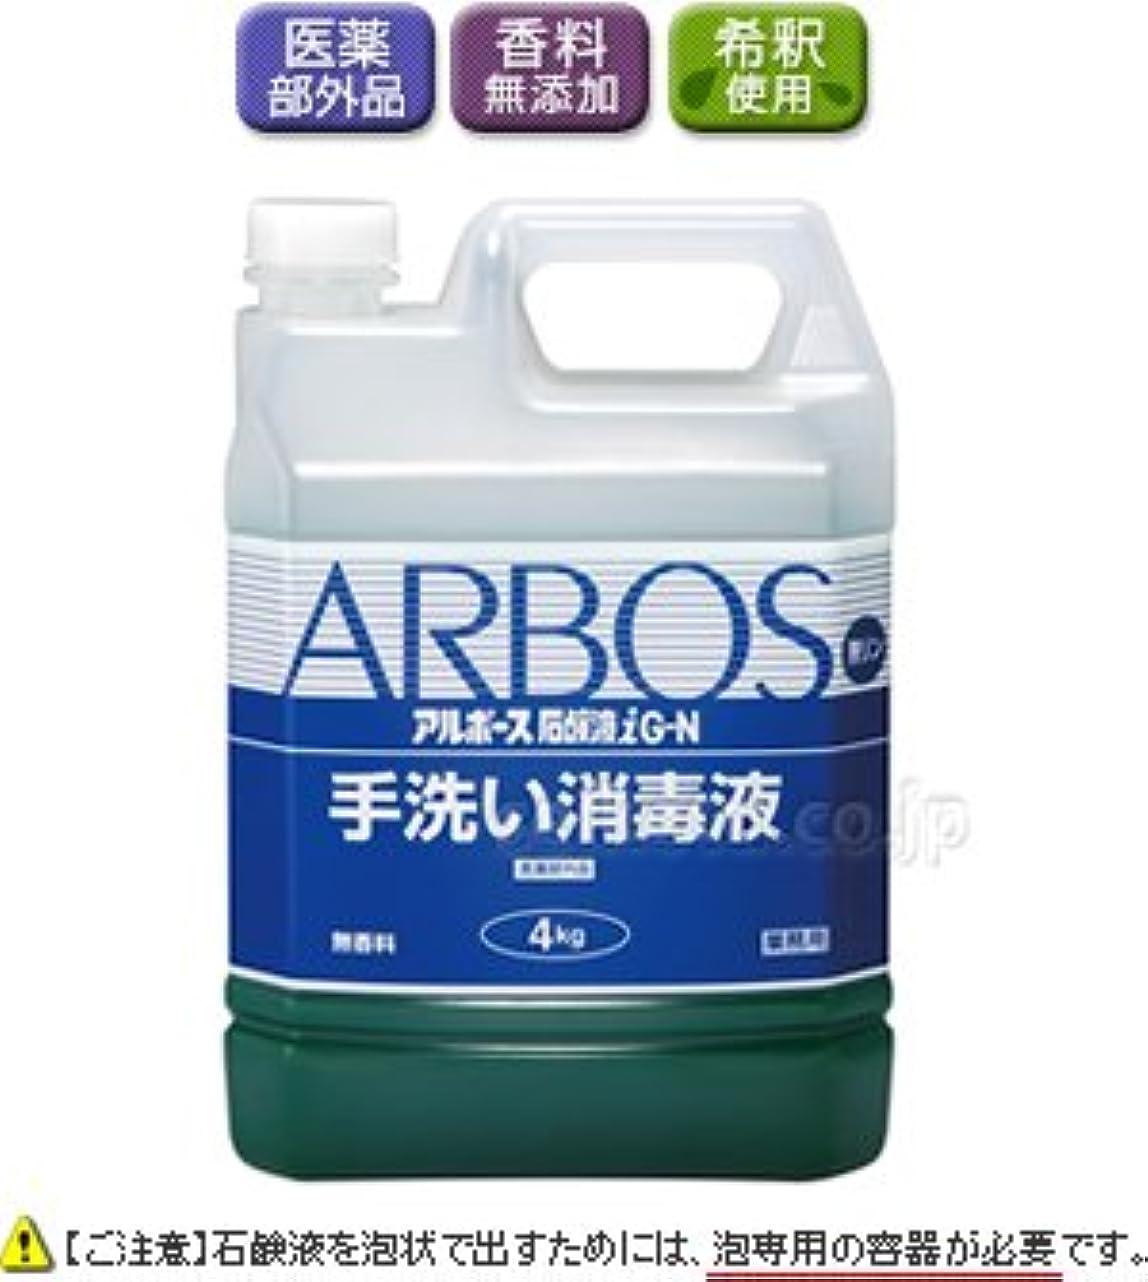 レッドデート責生き残り【清潔キレイ館】アルボース石鹸液iG-N(4kg×1本)